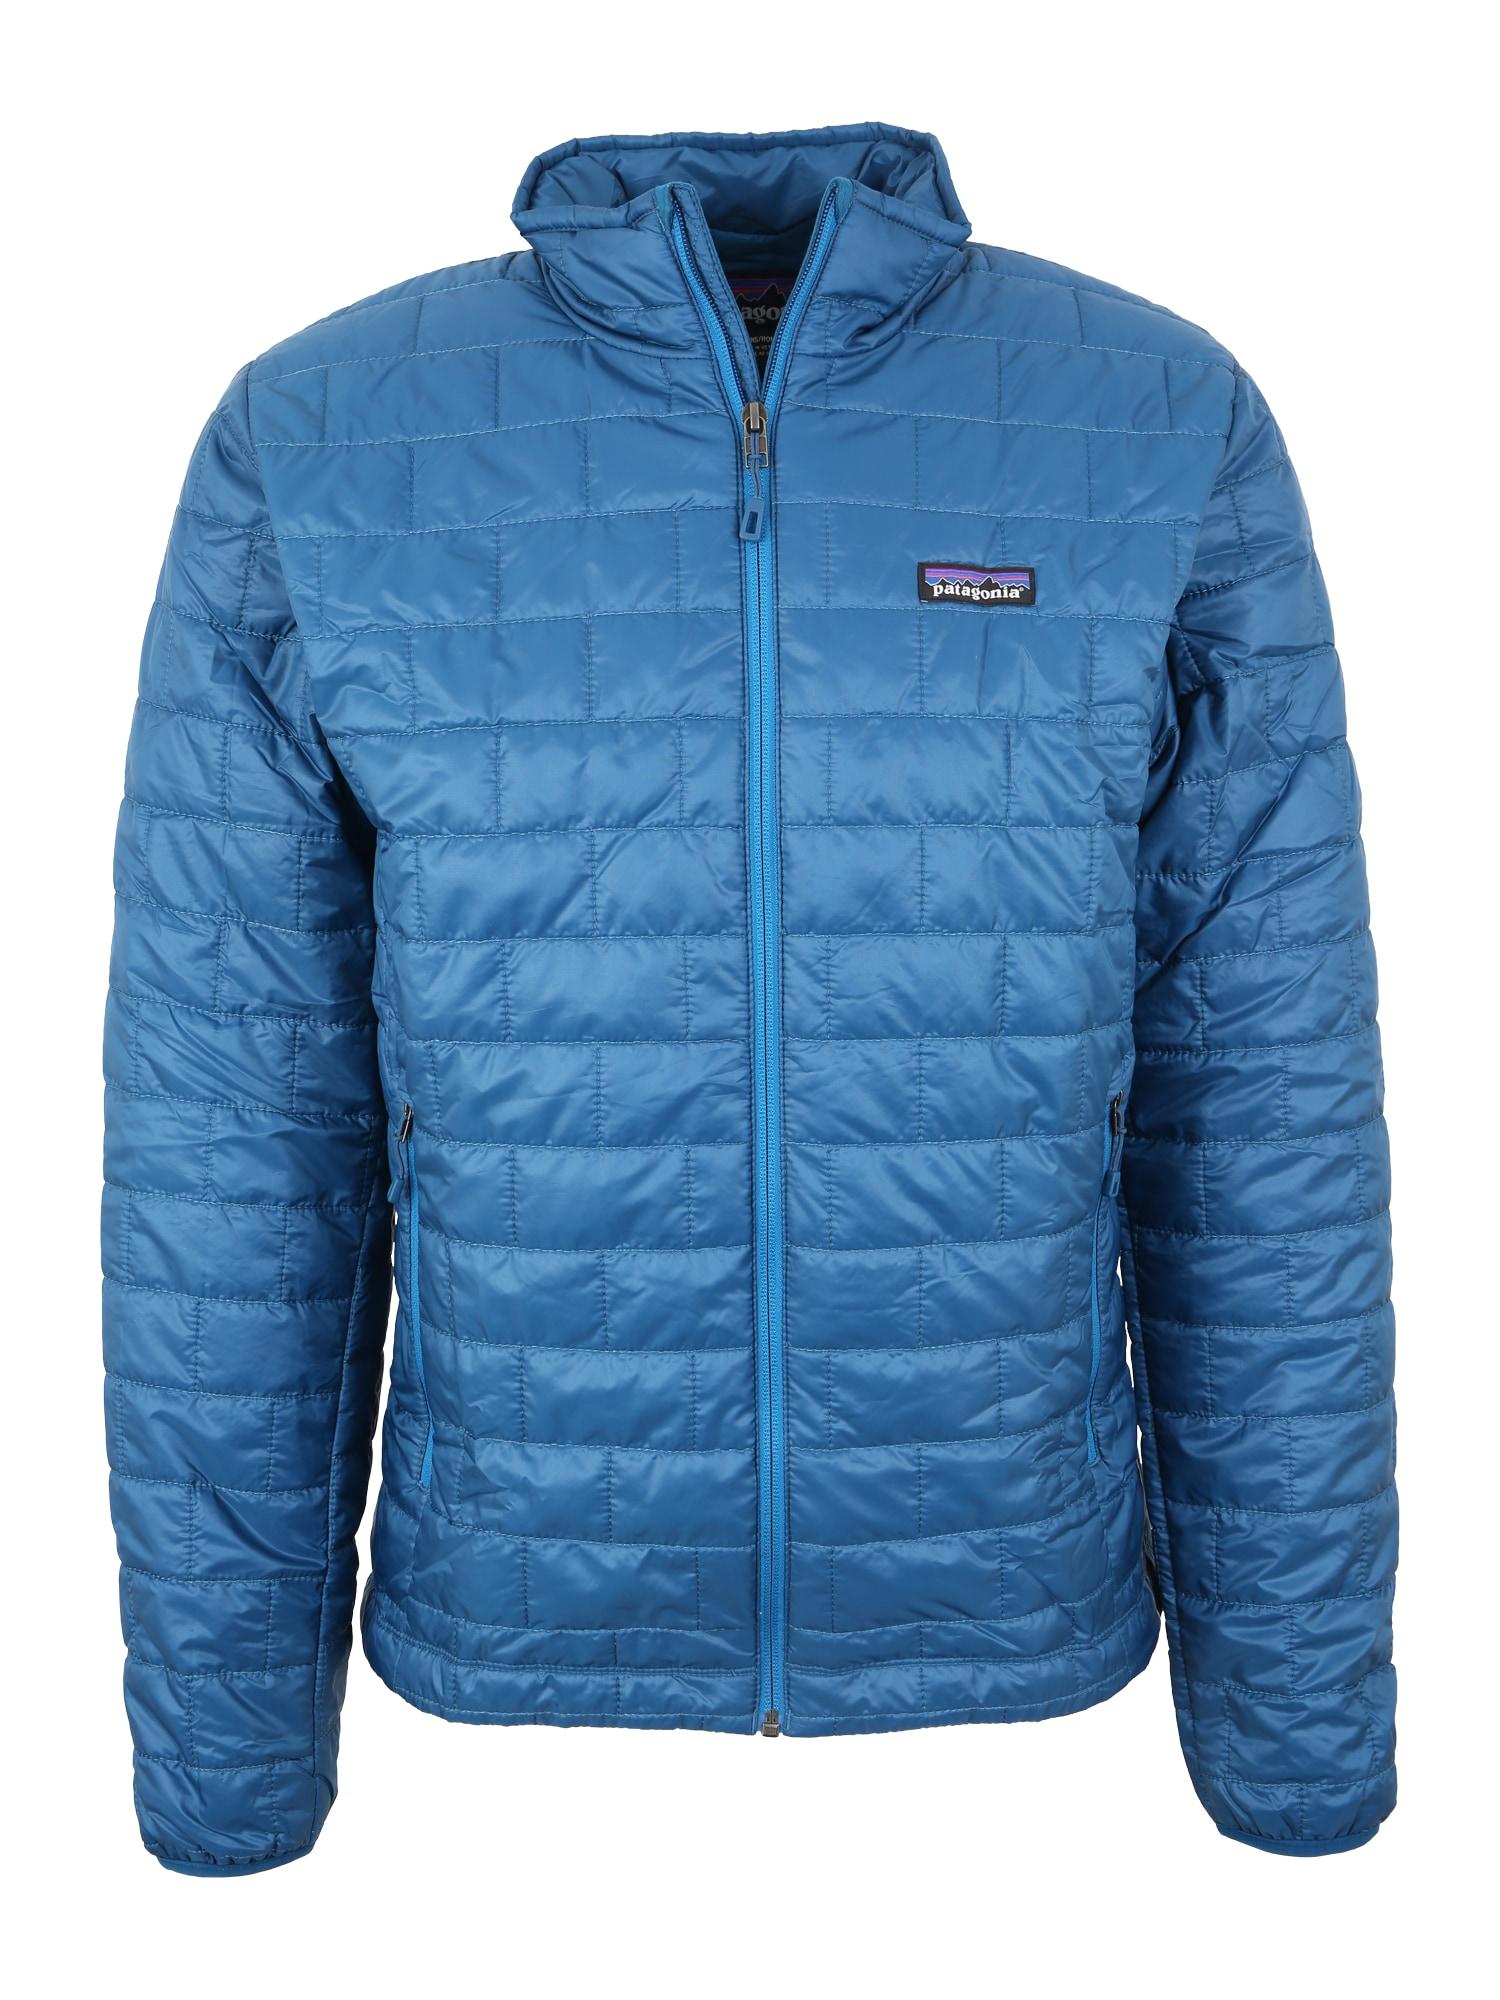 Outdoorová bunda nebeská modř PATAGONIA